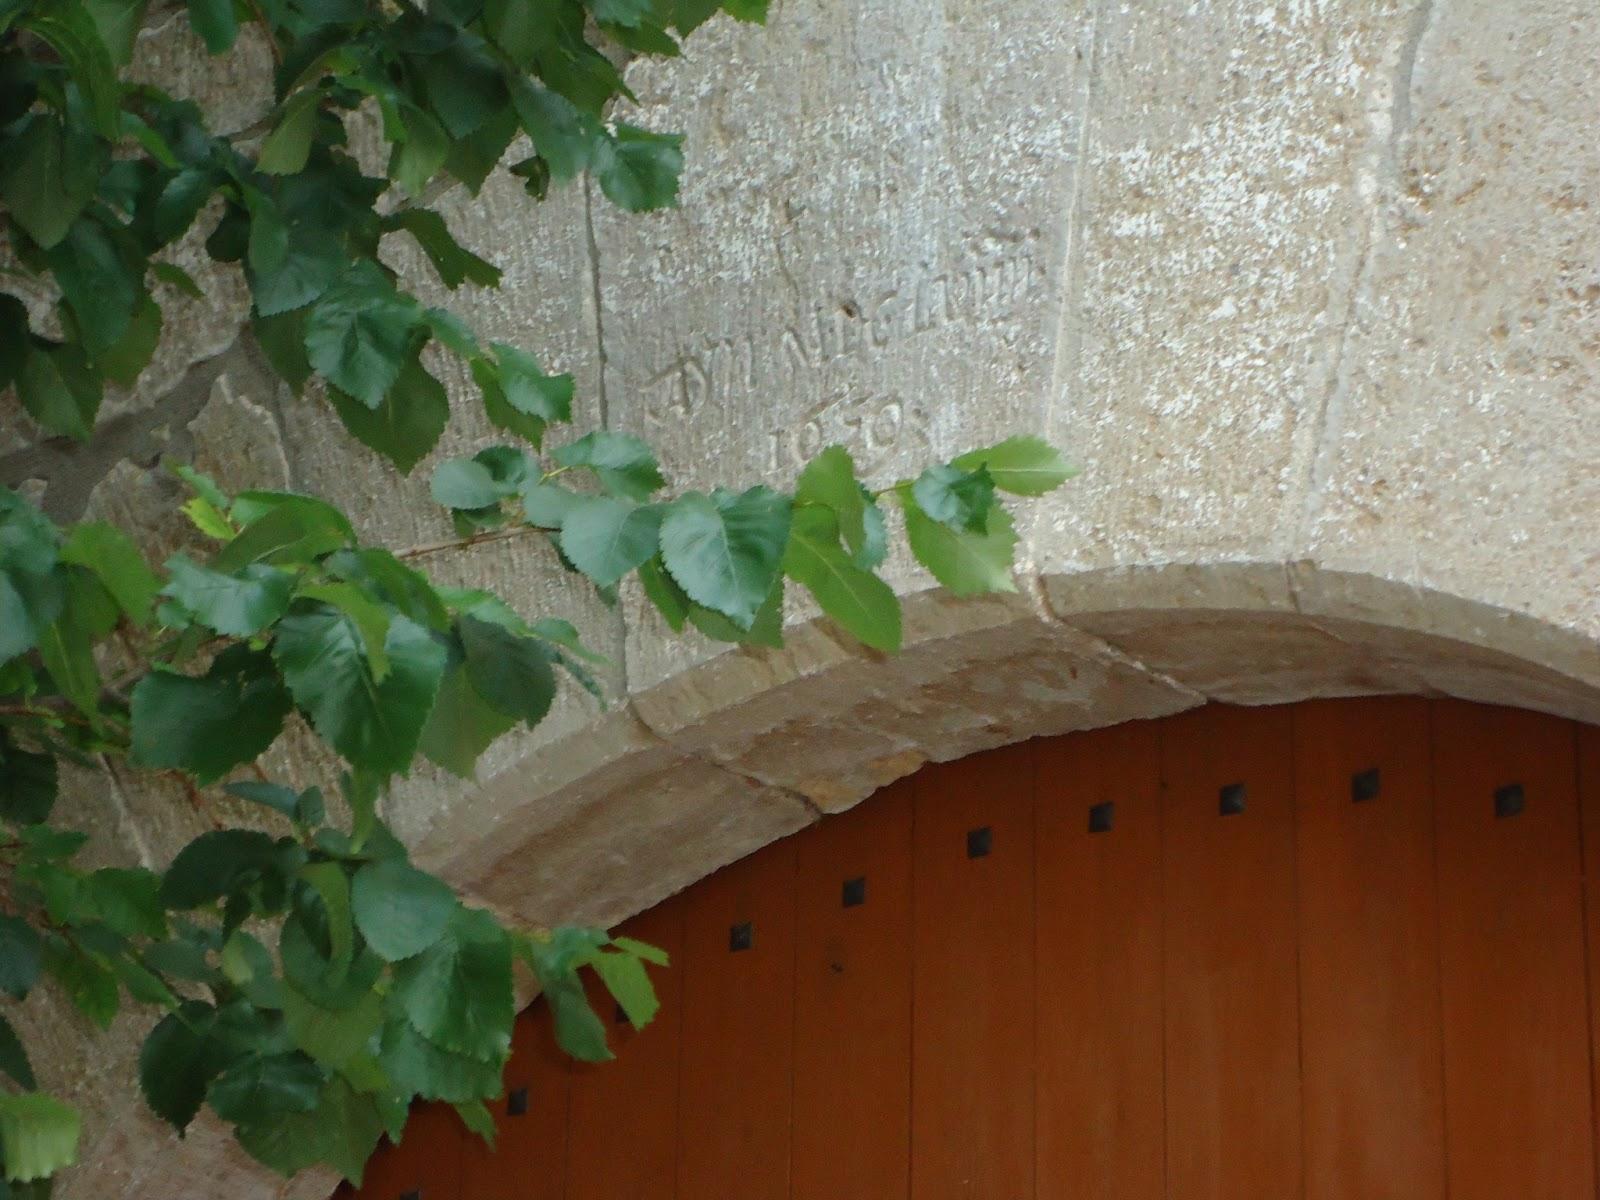 Dintel de Mas de la Segarra. Autor, masdelasegarra.blogspot.com